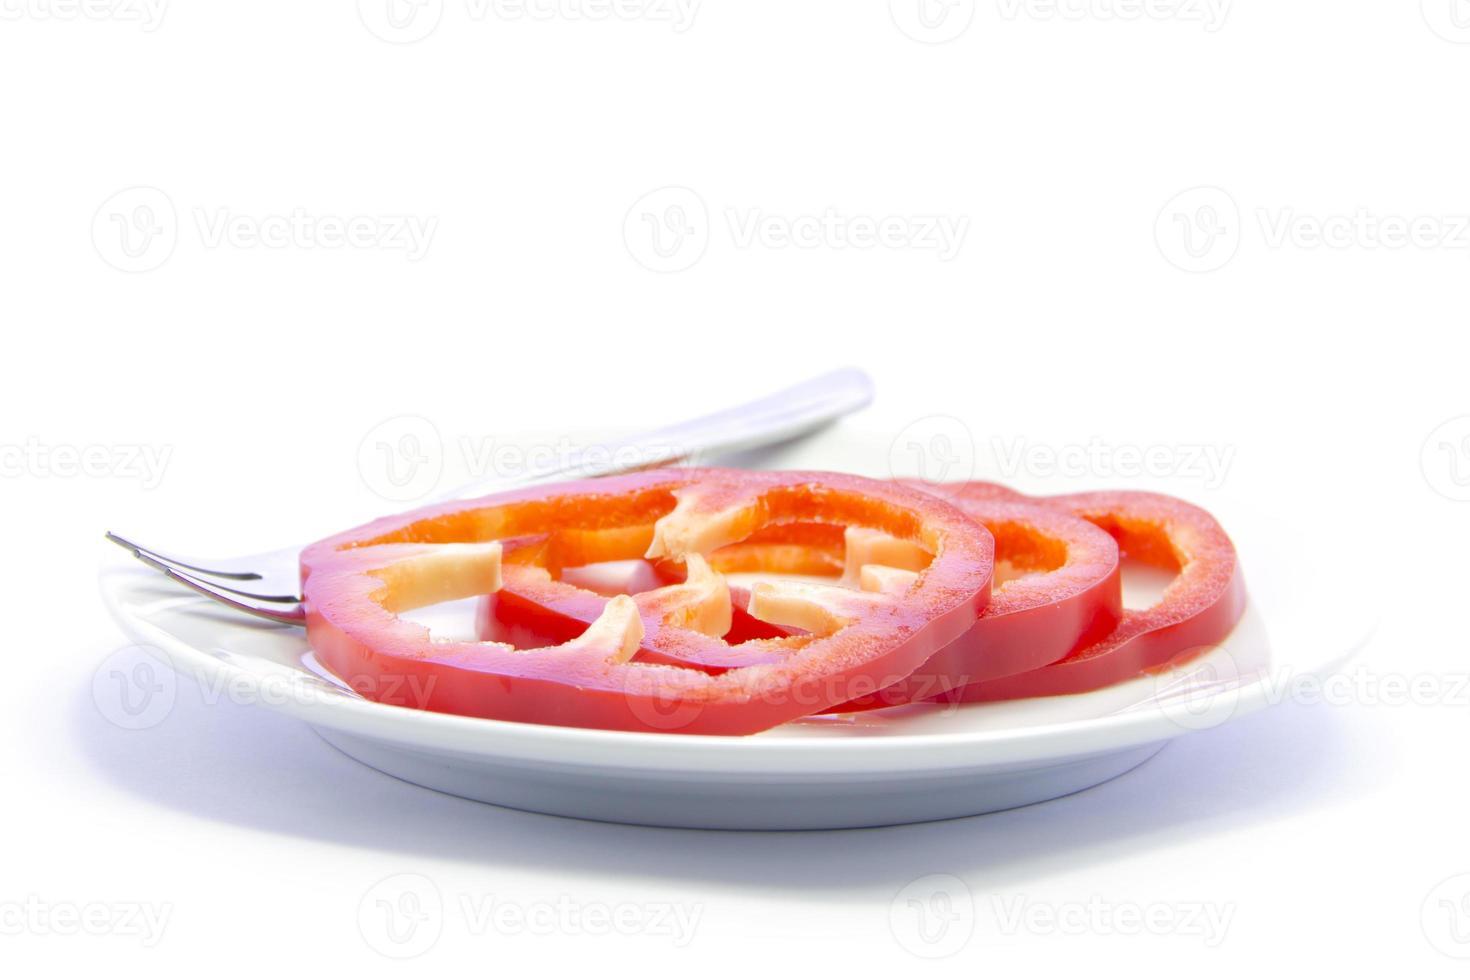 röd bell chili skivad ingrediens på den vita plattan foto